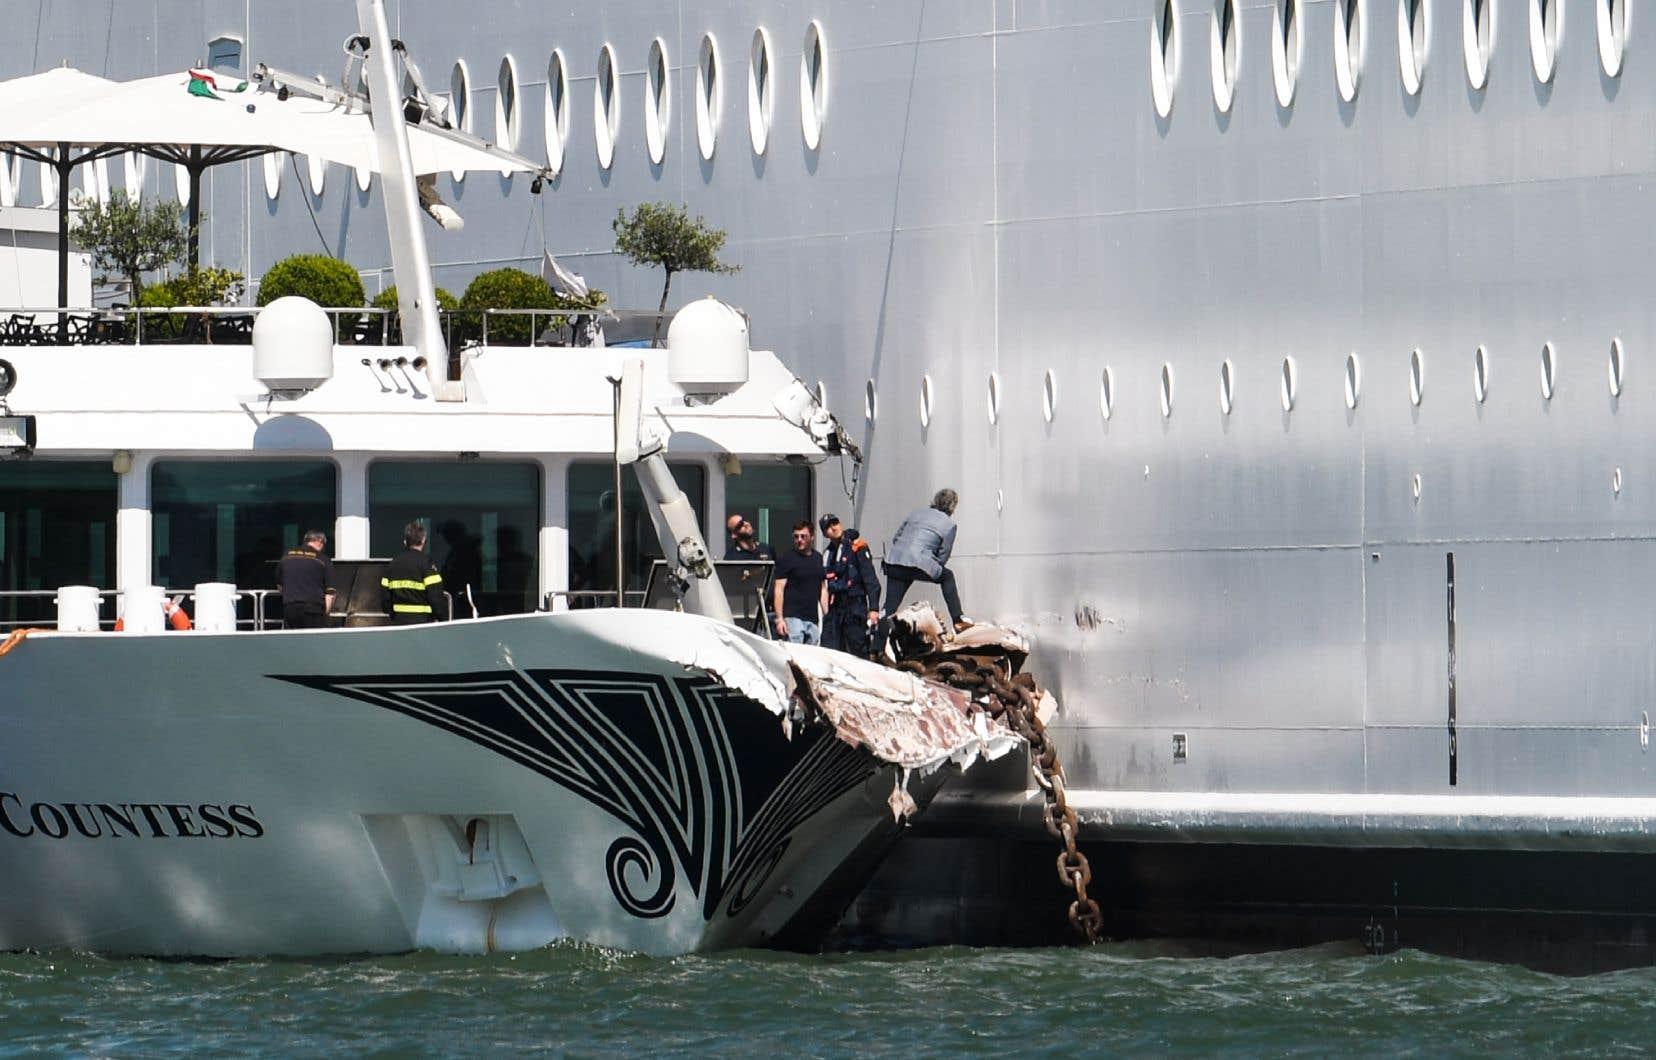 Selon les autorités portuaires, l'accident, survenu à San Basilio-Zatterre a fait quatre blessés légers à bord du River Countess.